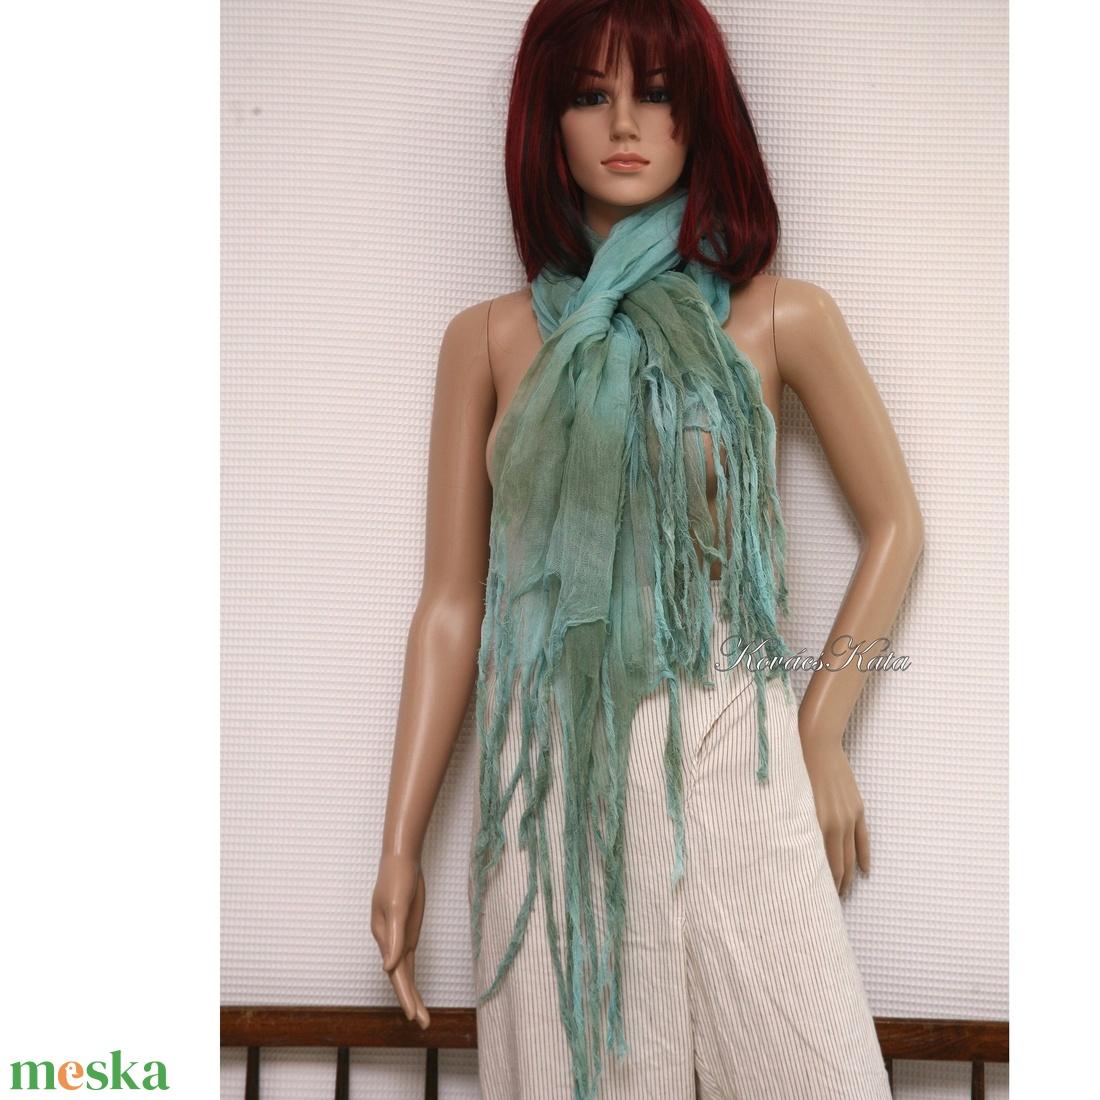 PIXY nimfa-stóla : batikolt, szabdalt géz stóla, sál / türkiz-zöld  - ruha & divat - sál, sapka, kendő - stóla - Meska.hu